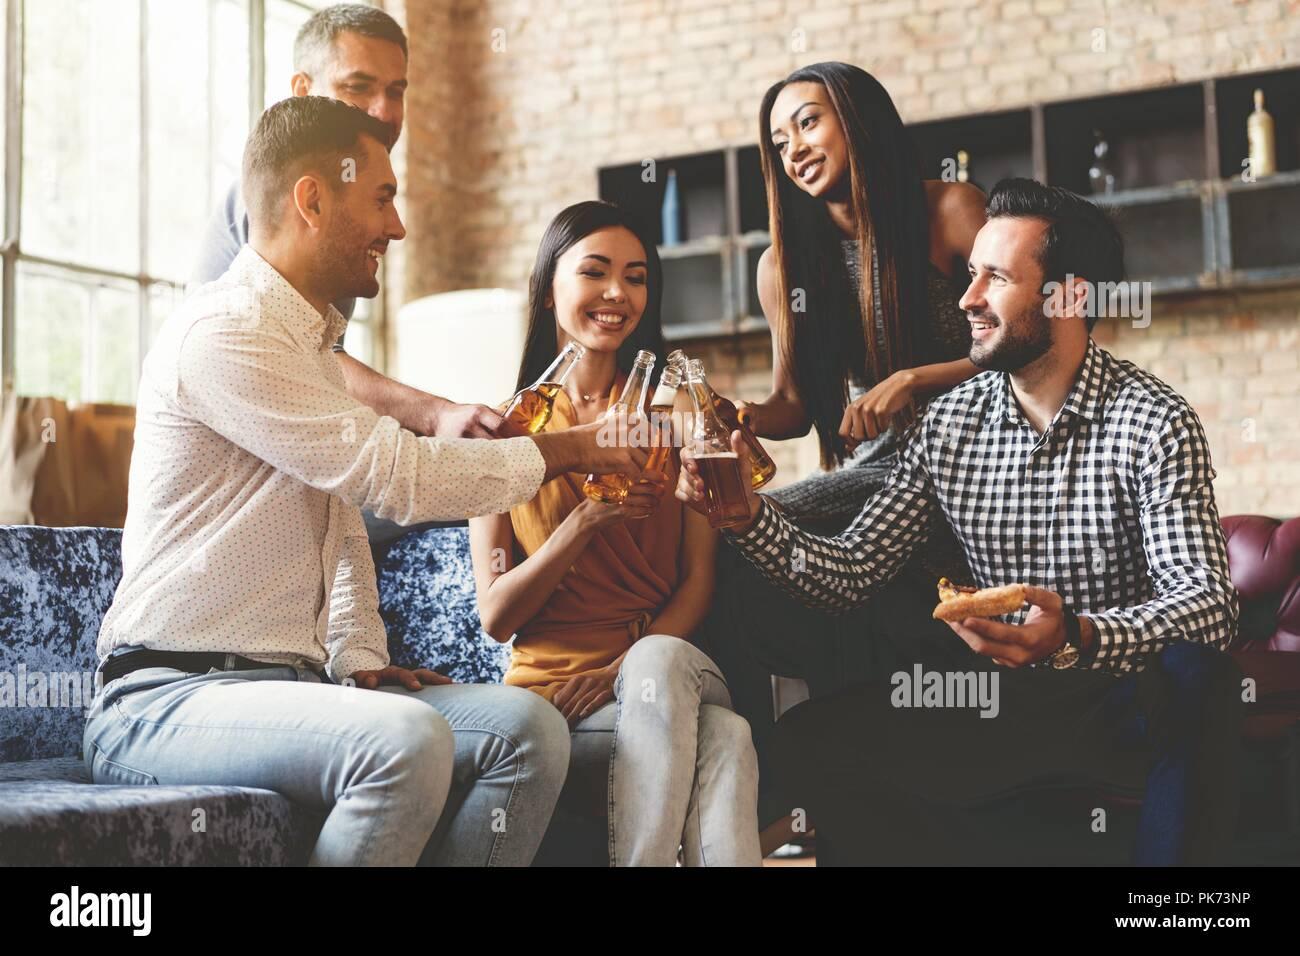 Verbringen eine tolle Zeit mit den besten Freunden. Gruppe von fröhlichen jungen Menschen genießen Sie Speisen und Getränke während der schönen Zeit in Cofortable Stühle in der Küche zusammen. Stockbild